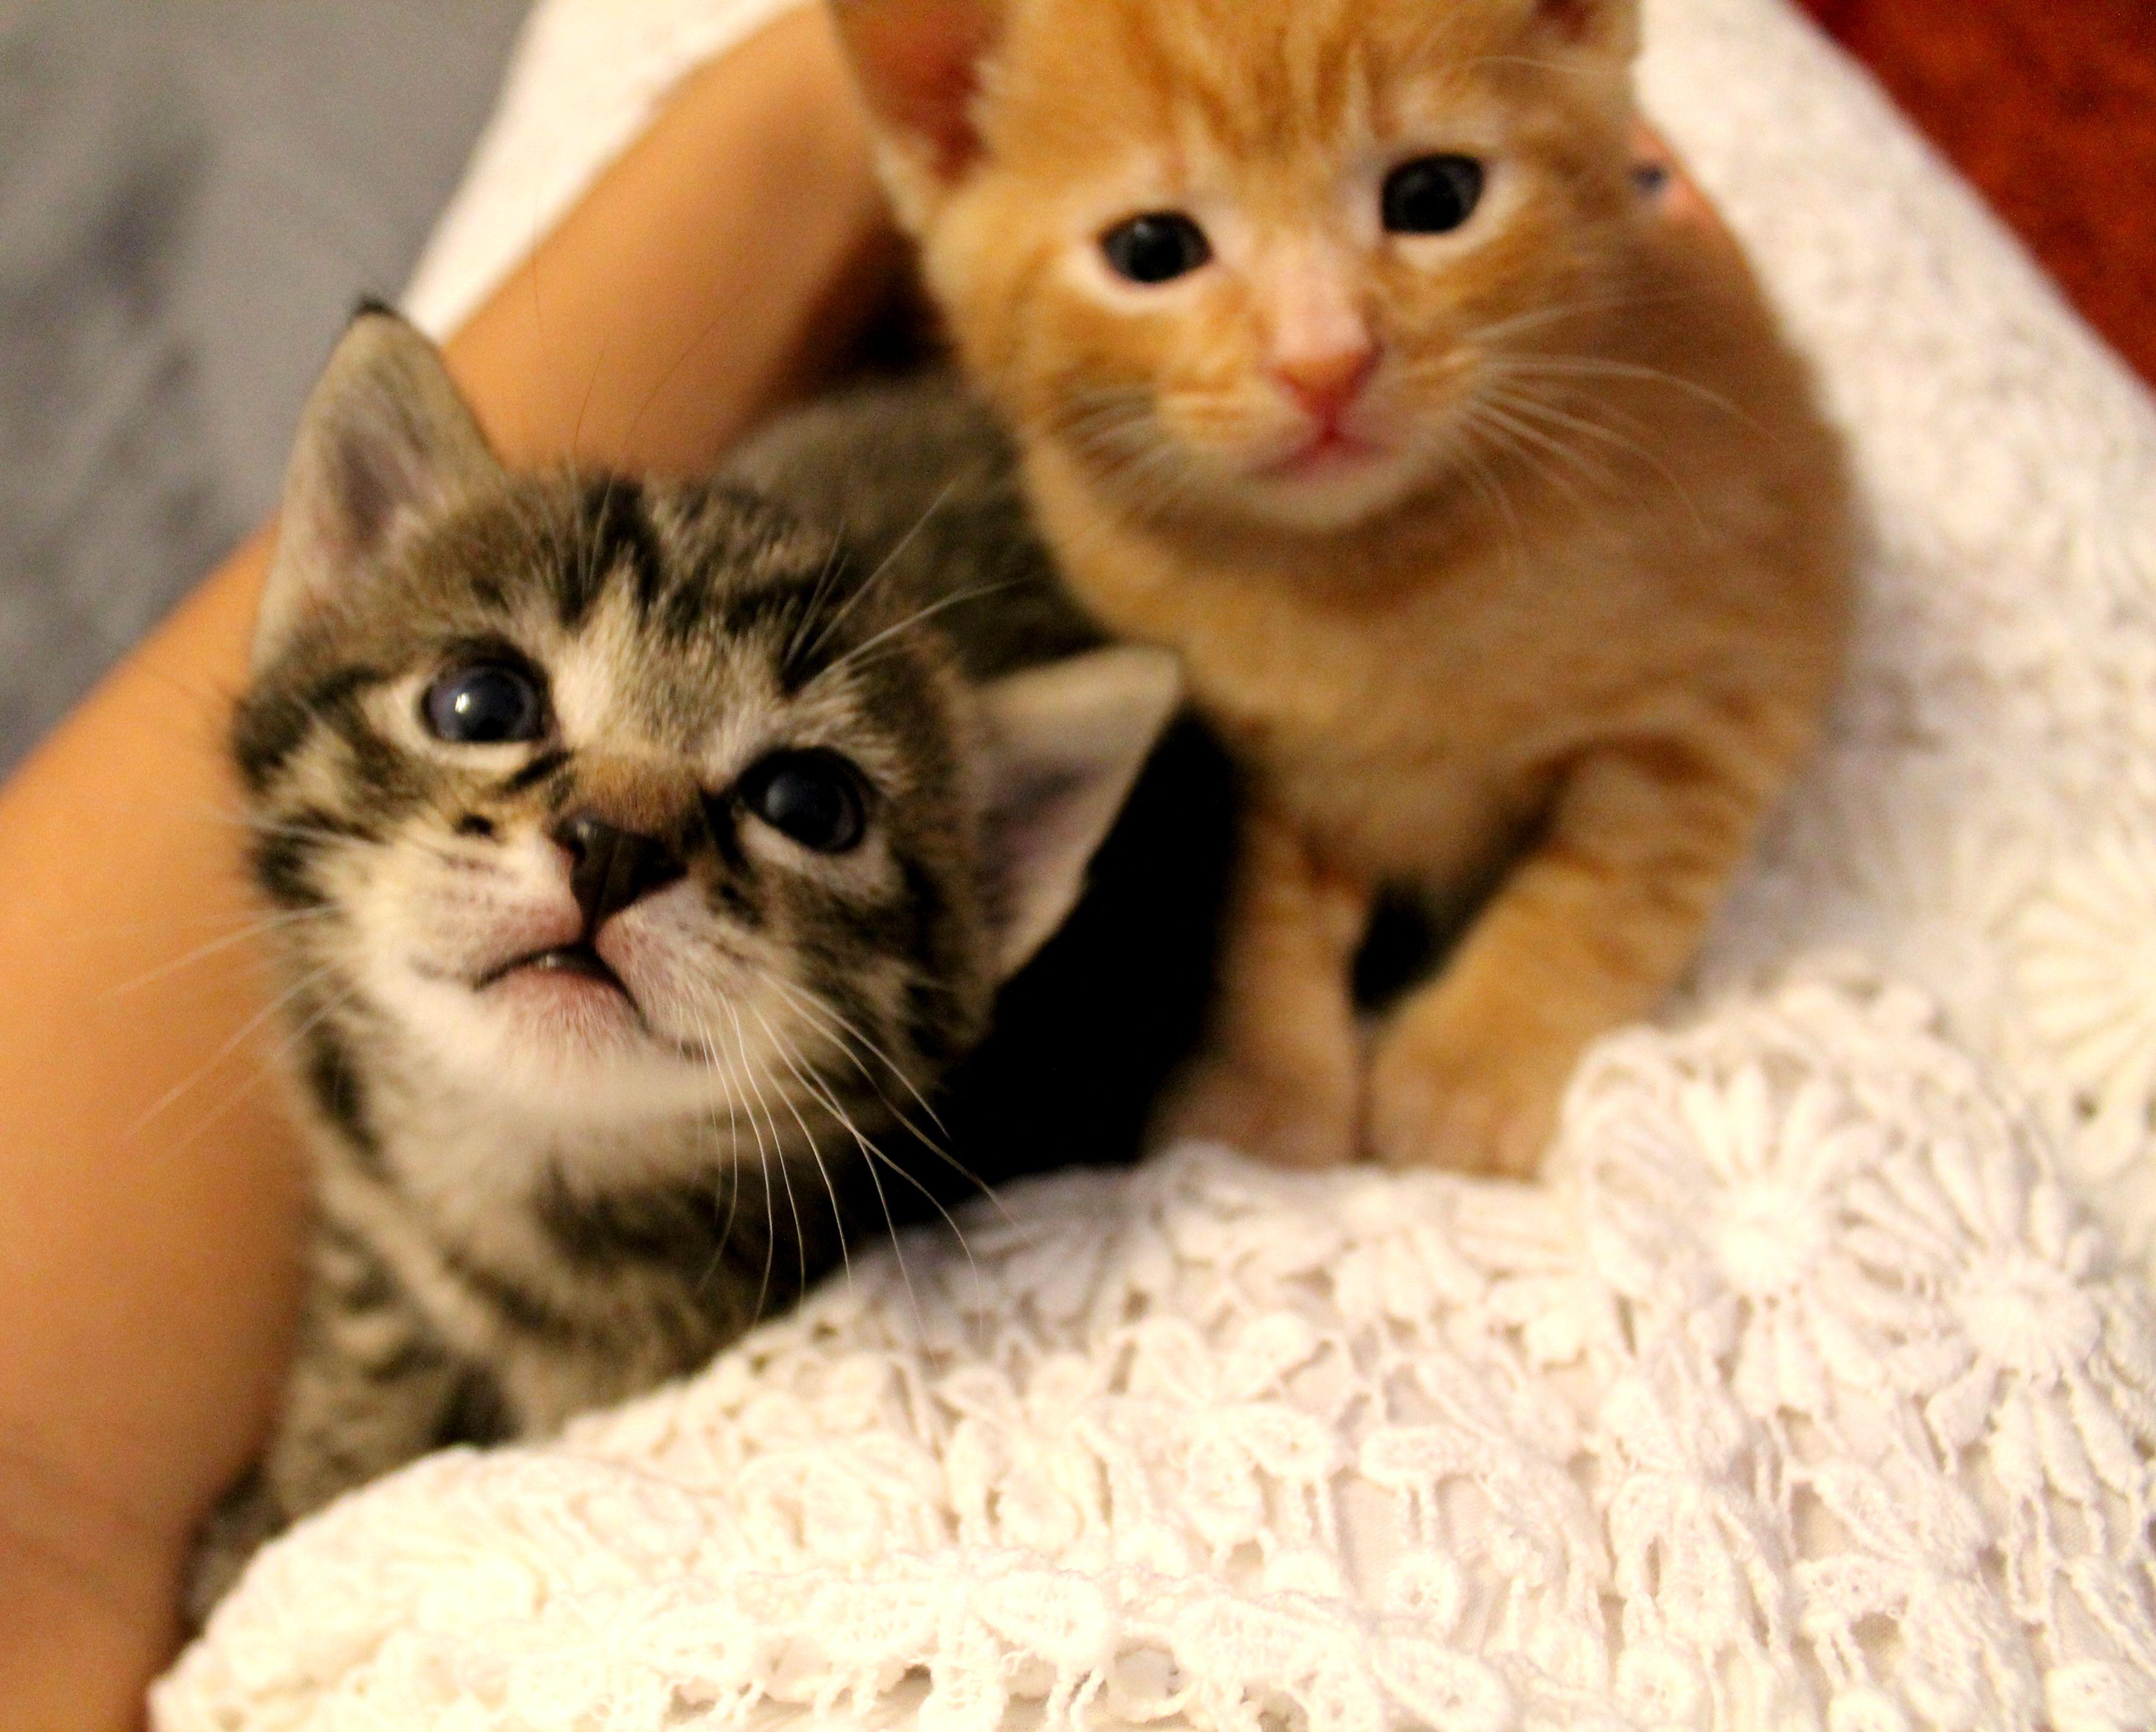 Mini meow, my lovely kittens